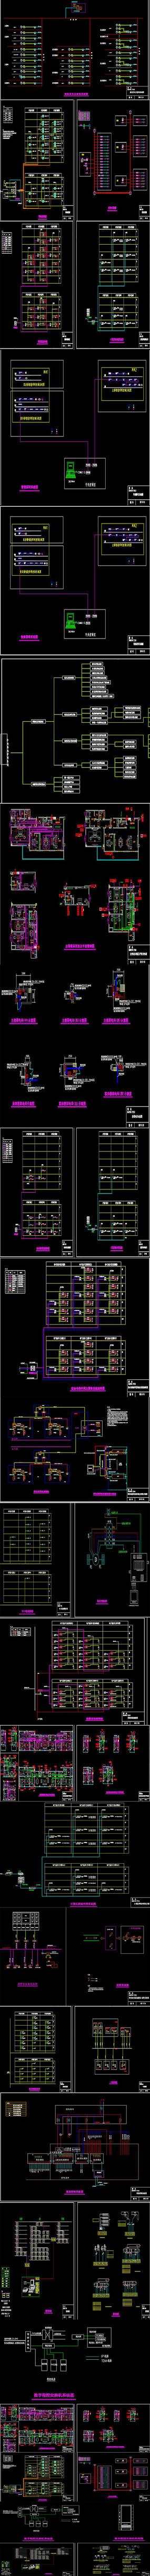 多层酒店弱电智能化CAD施工图